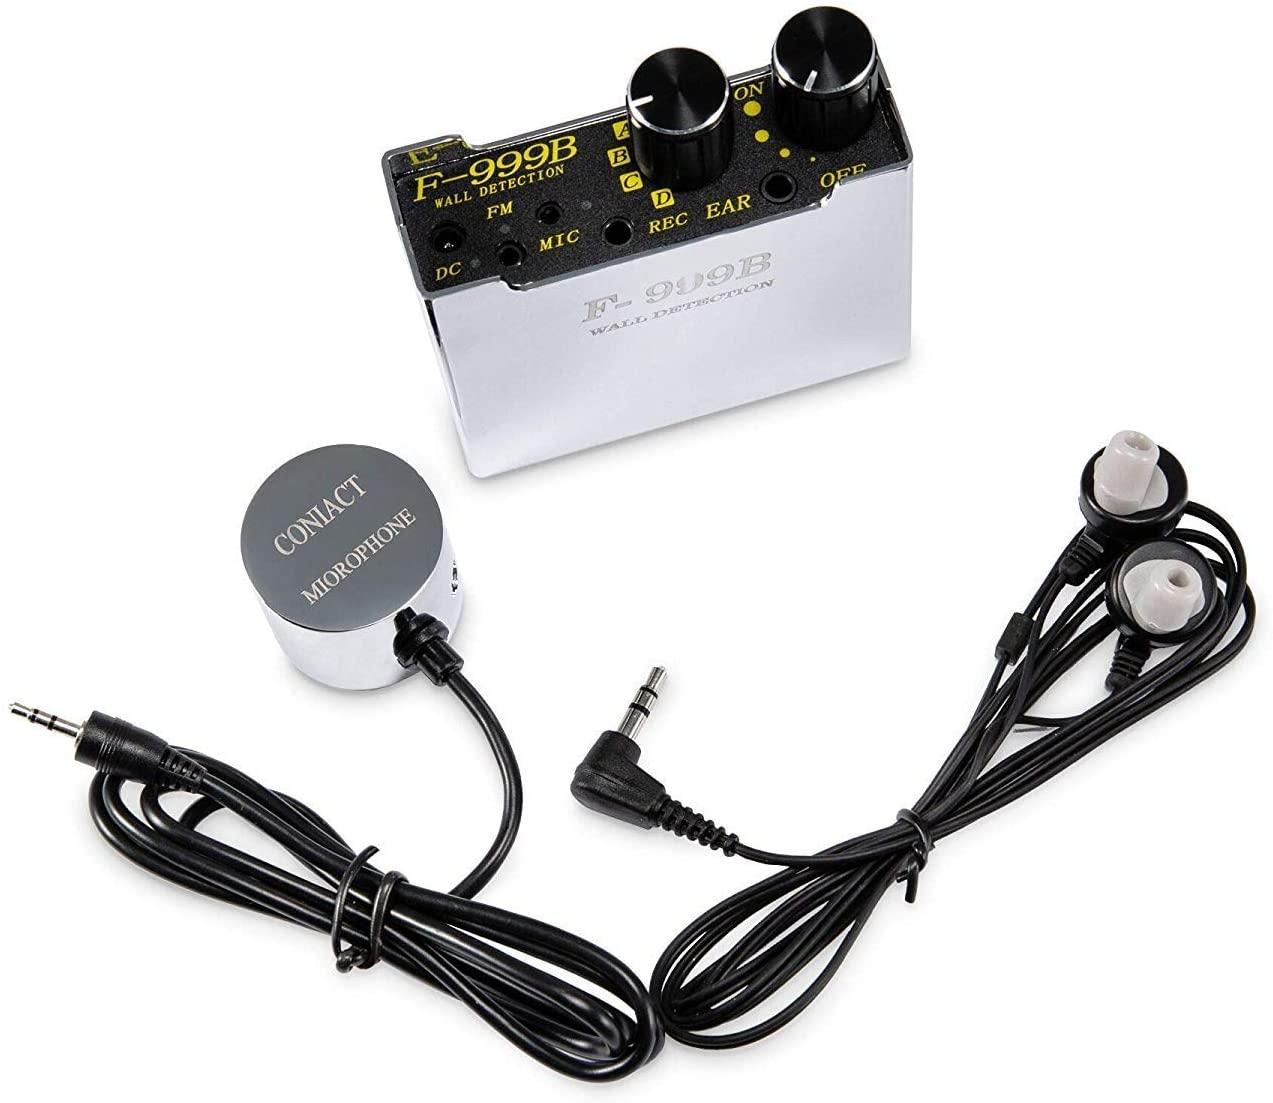 Detector Anti-mosquitos, F-999B Spytec de Audio altamente sensible, sonda de pared con amplificación de hasta 20000x Monitor de 100 horas